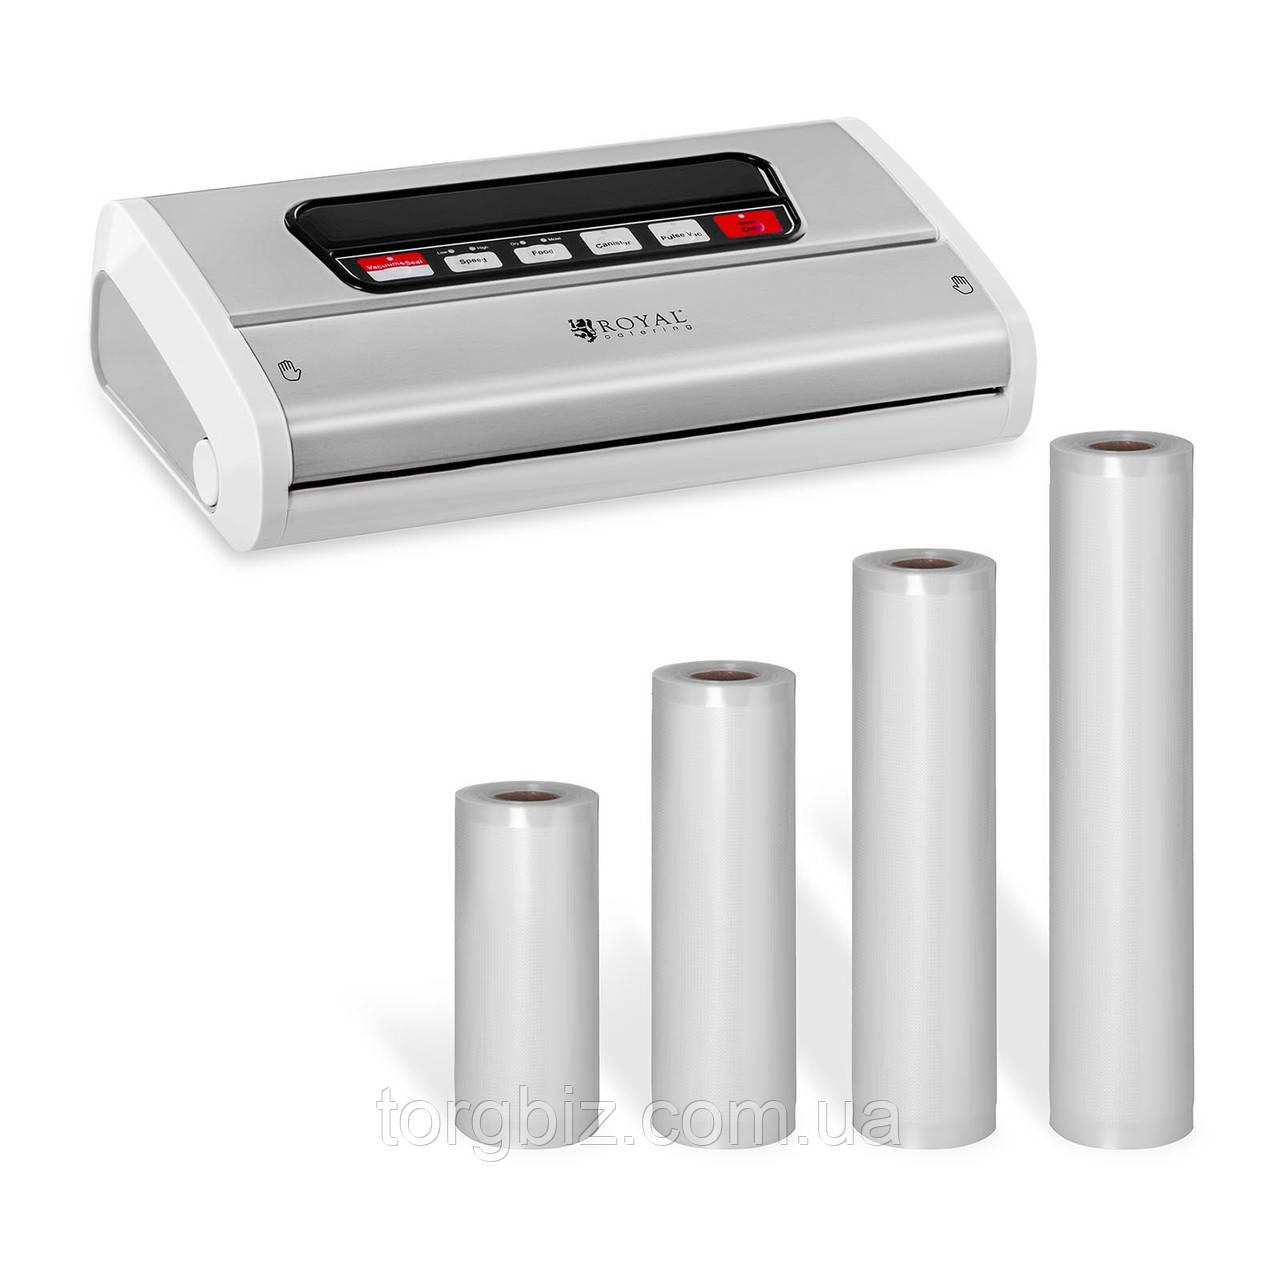 Рулони для вакуумної упаковки 25х600 см та інші (Німеччина)